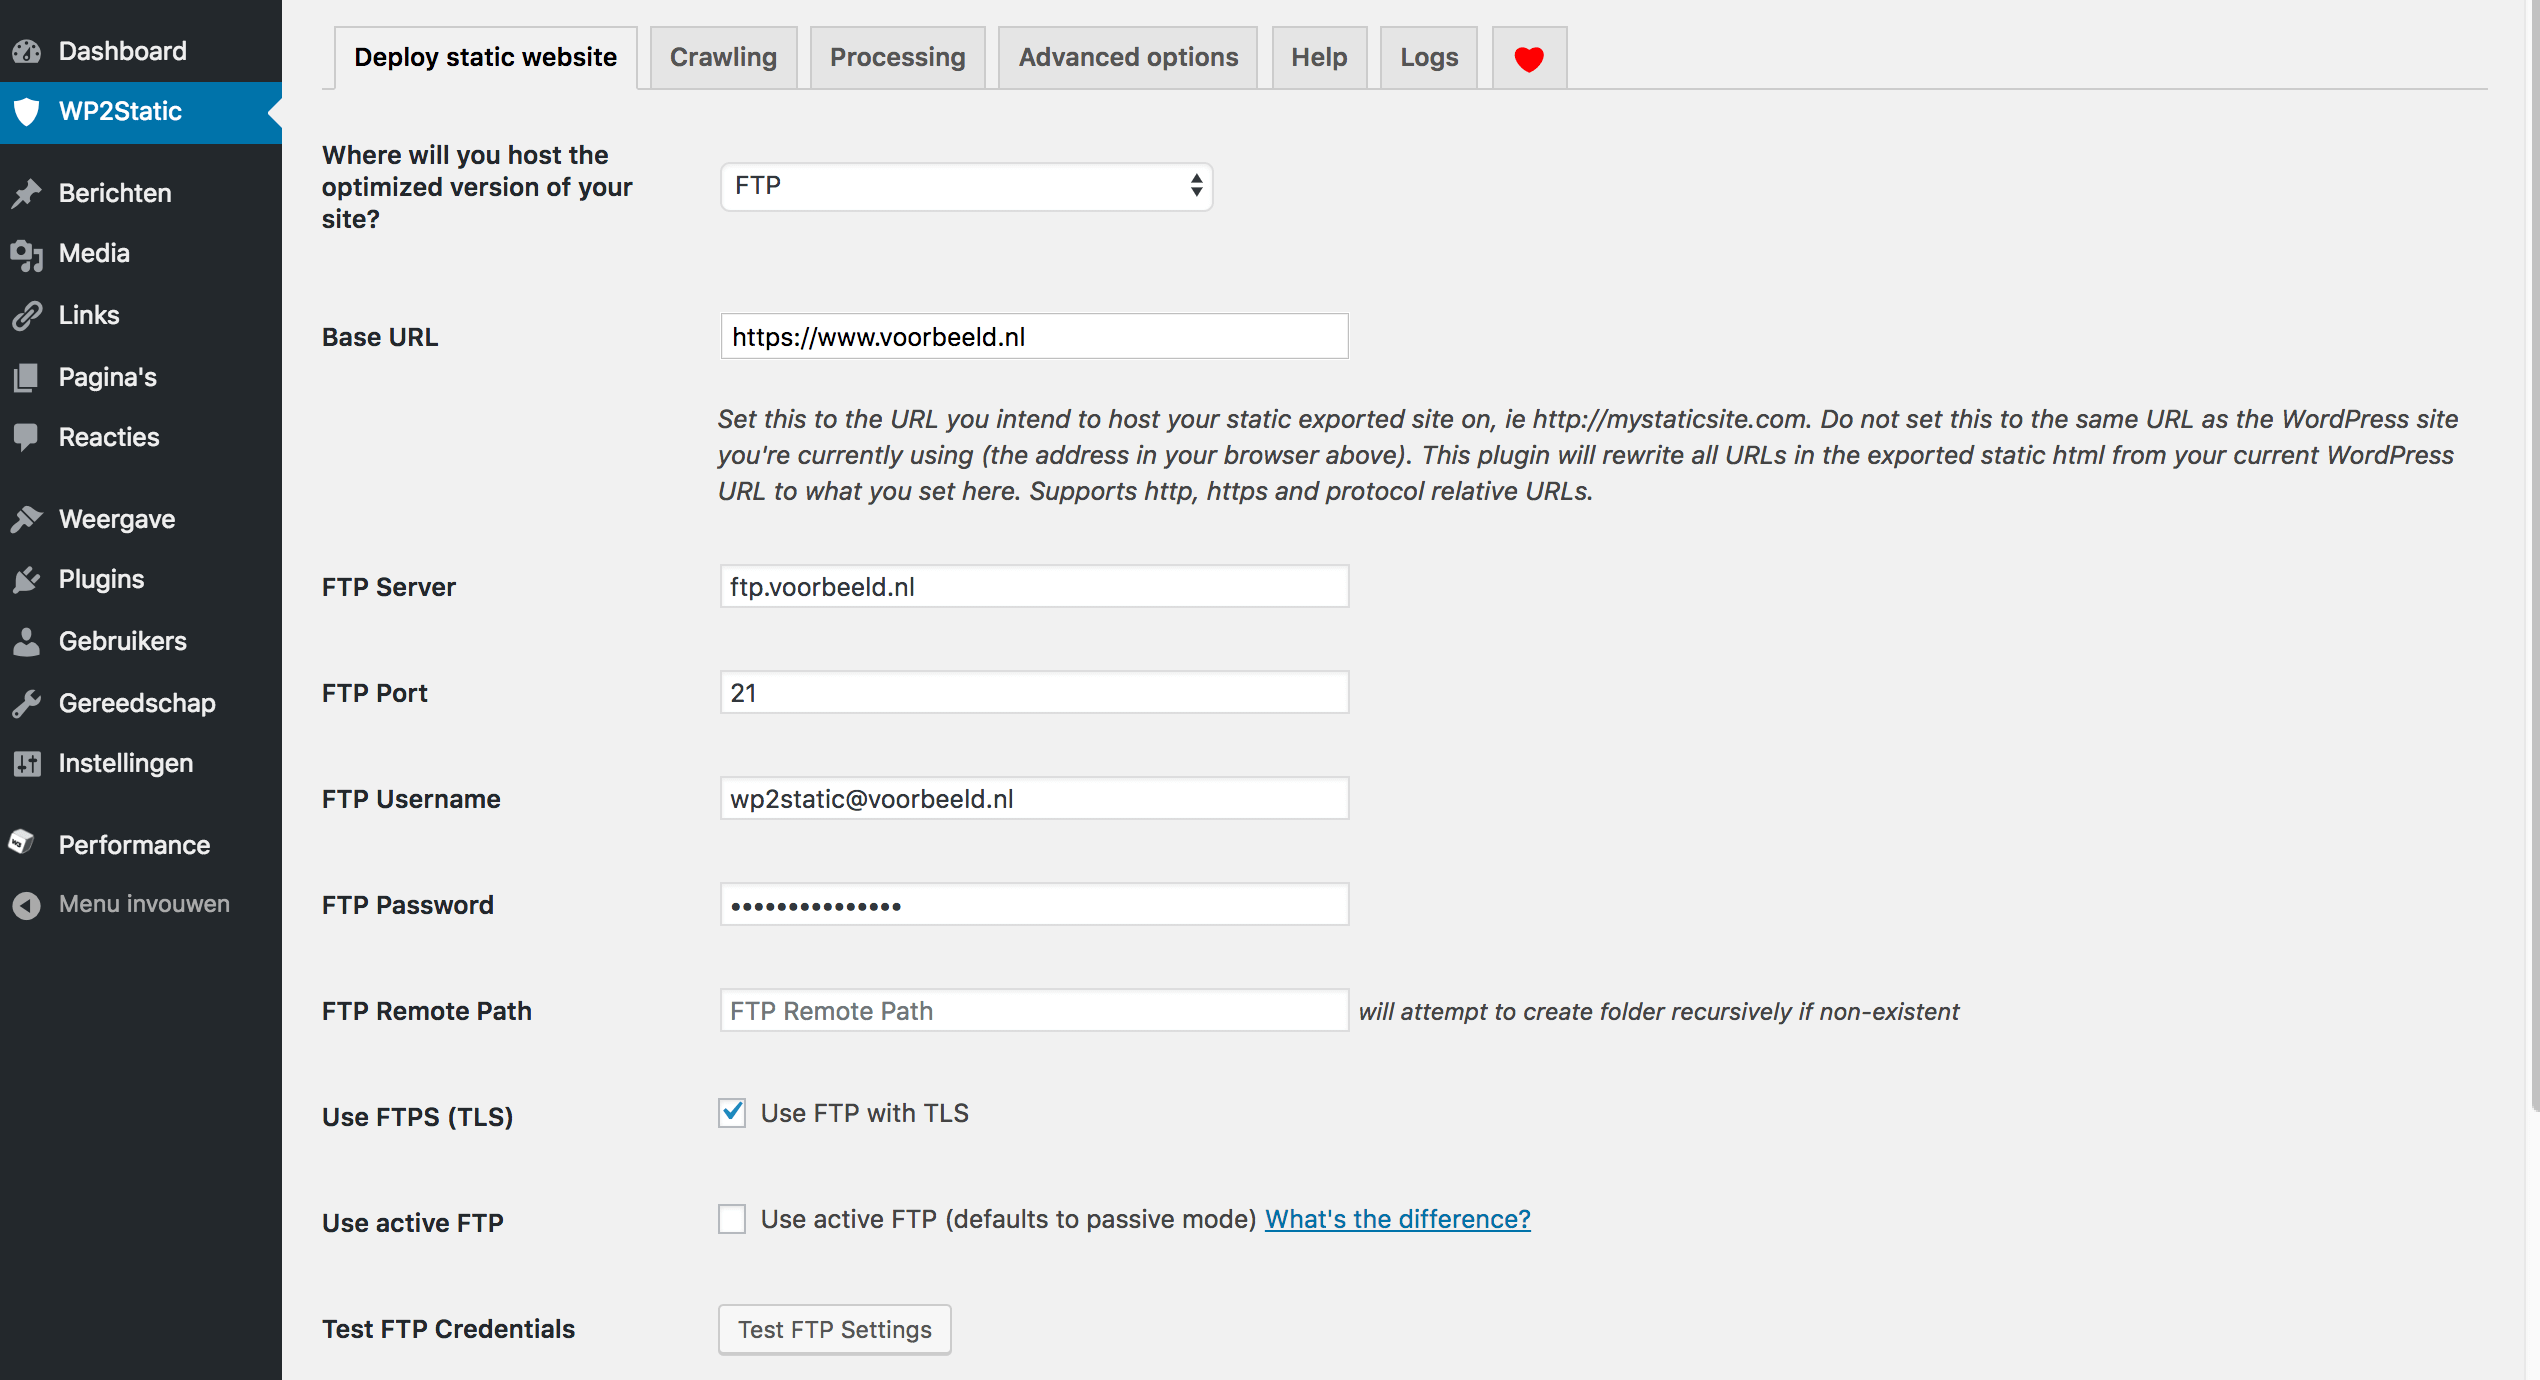 WordPress omzetten naar een statische website: de gegevens van het FTP-account in WP2Static invullen.